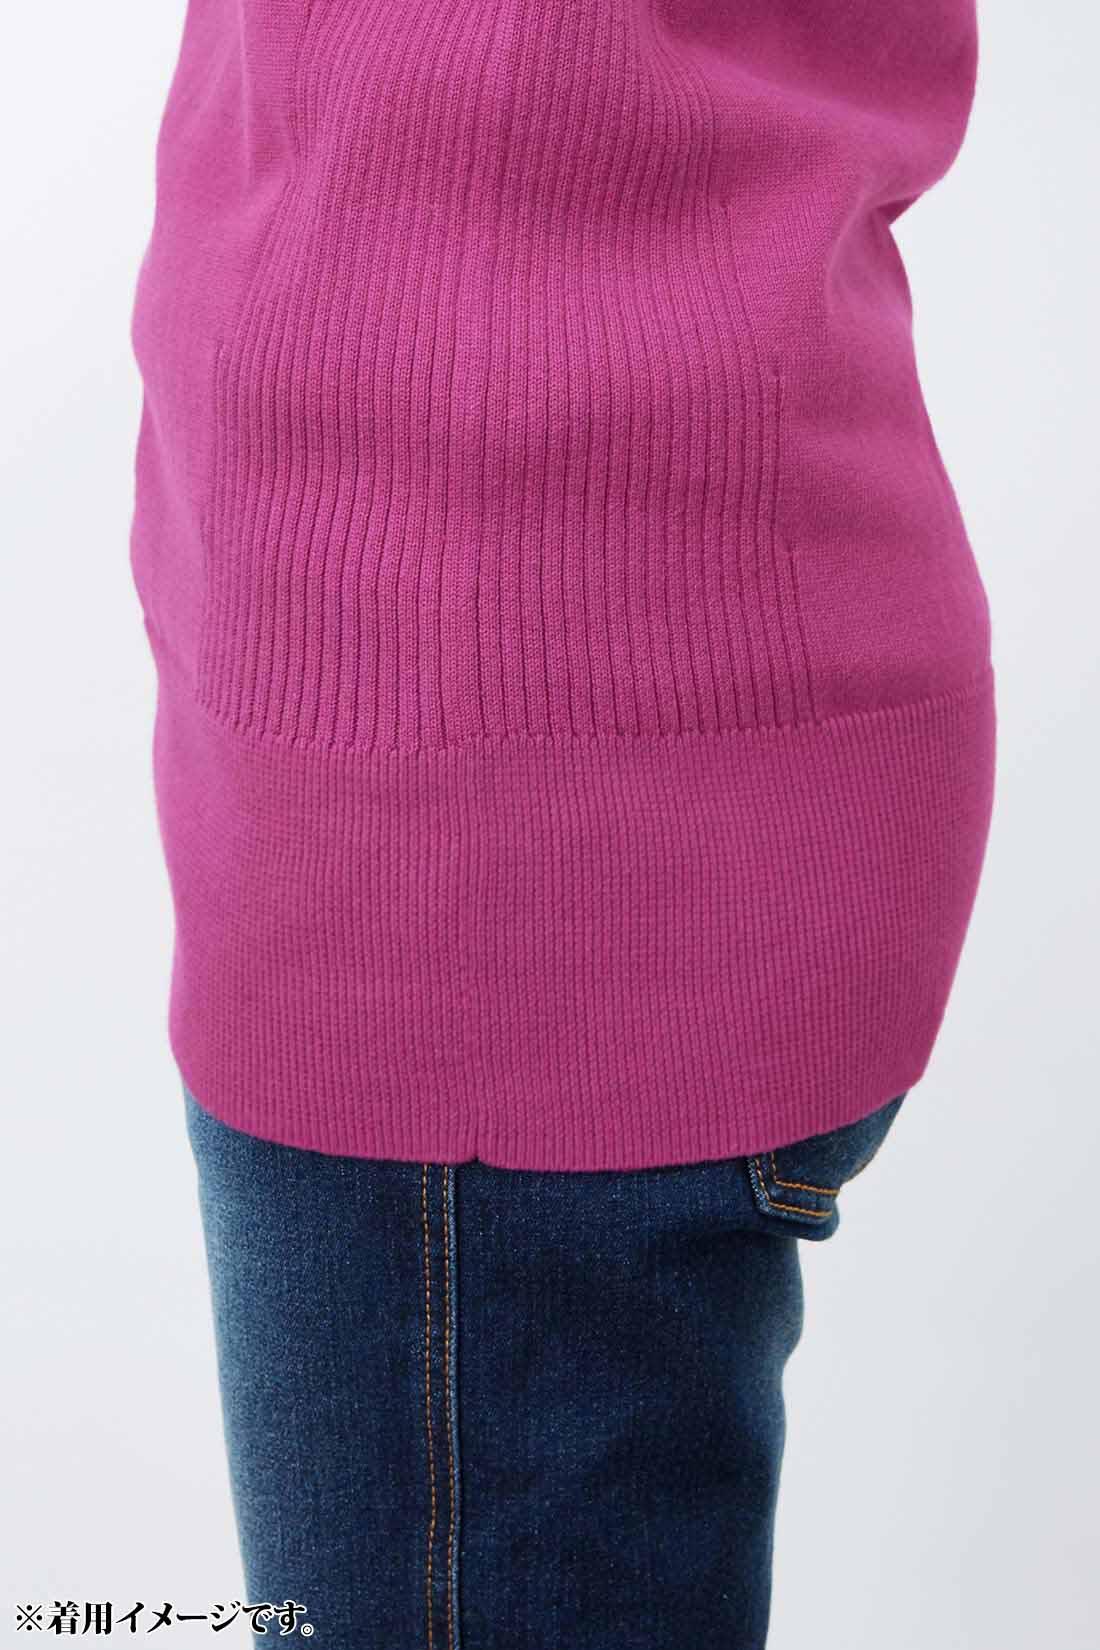 着丈はヒップまで包み込む長めの丈感でスマート効果も。